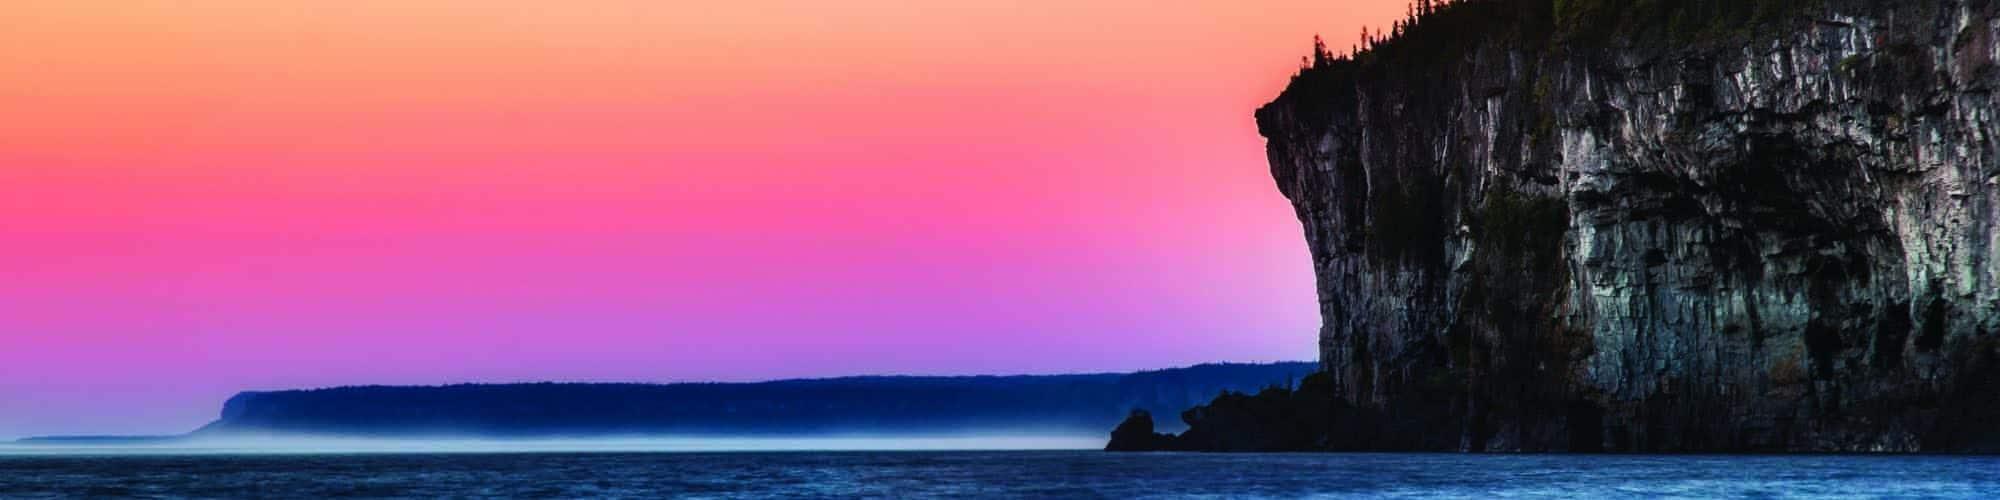 Blue Space pendemic Bruce Peninsula Zak Erb photo